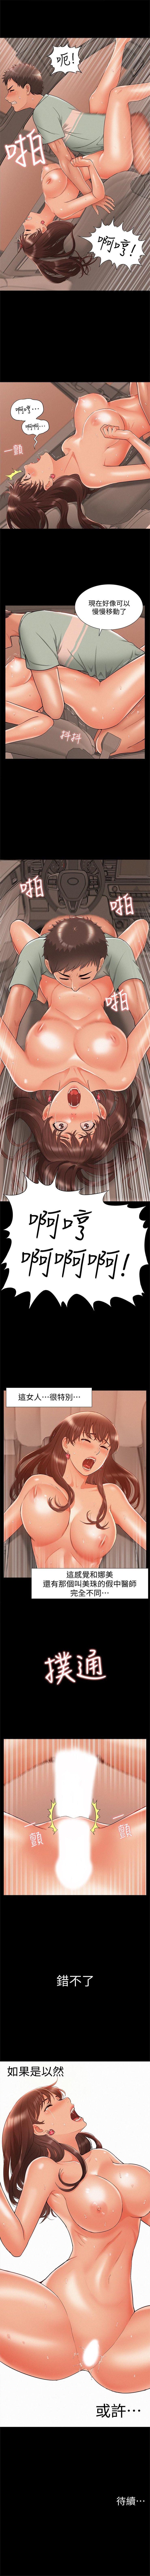 (週4)難言之隱 1-24 中文翻譯(更新中) 103